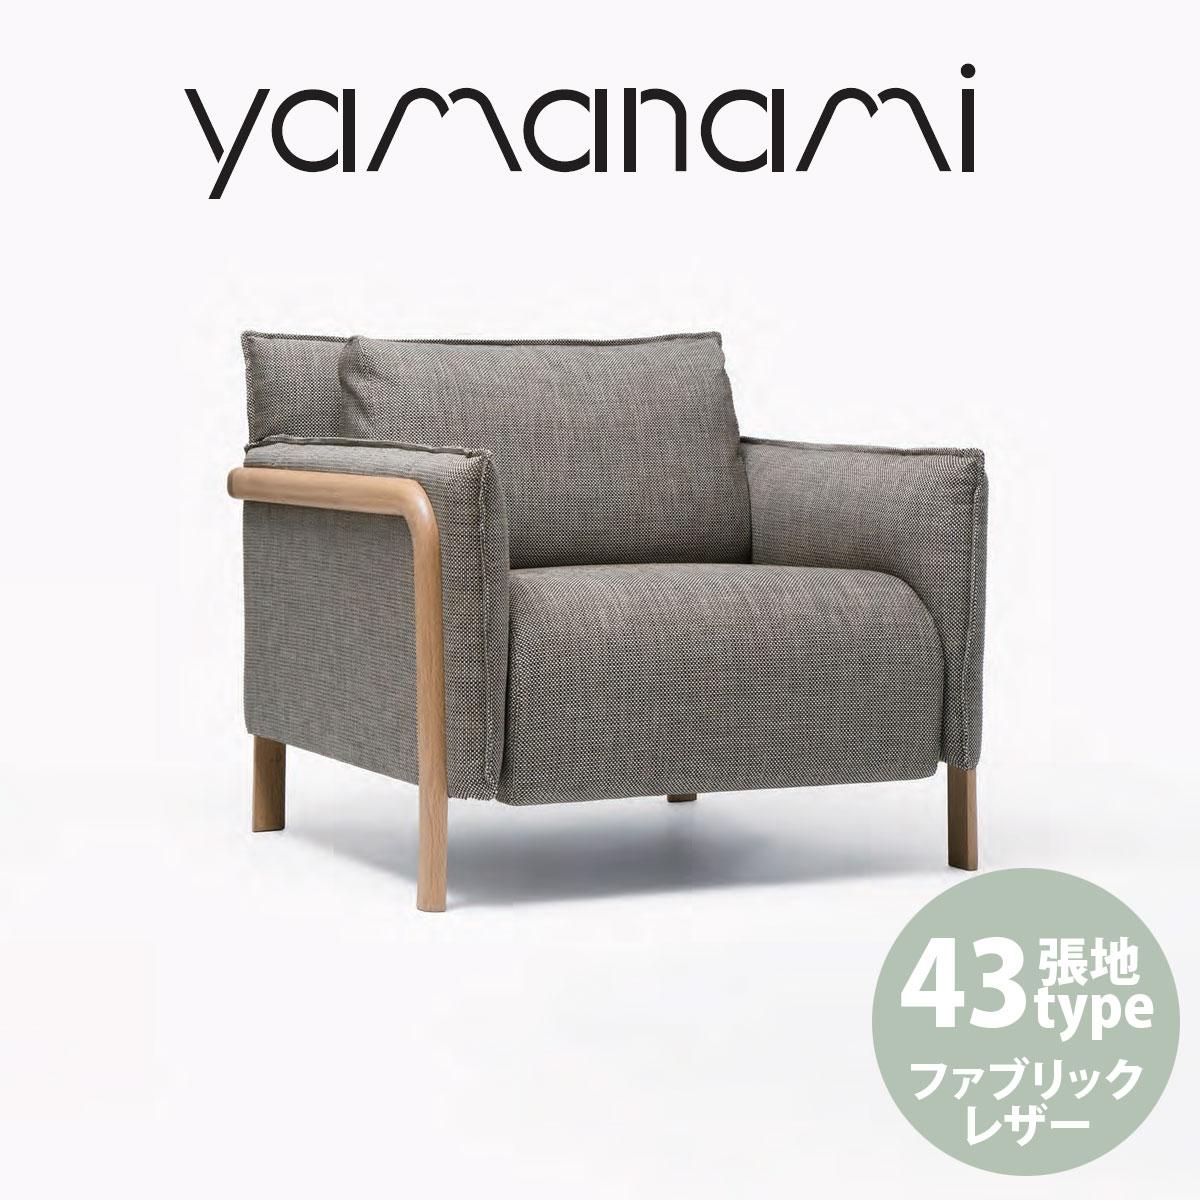 【送料無料】匠工芸 yamanami 2人掛けソファ ウォールナット YS1 890 張地F3【椅子 ベンチ 日本製 木製 家具 ウッド】